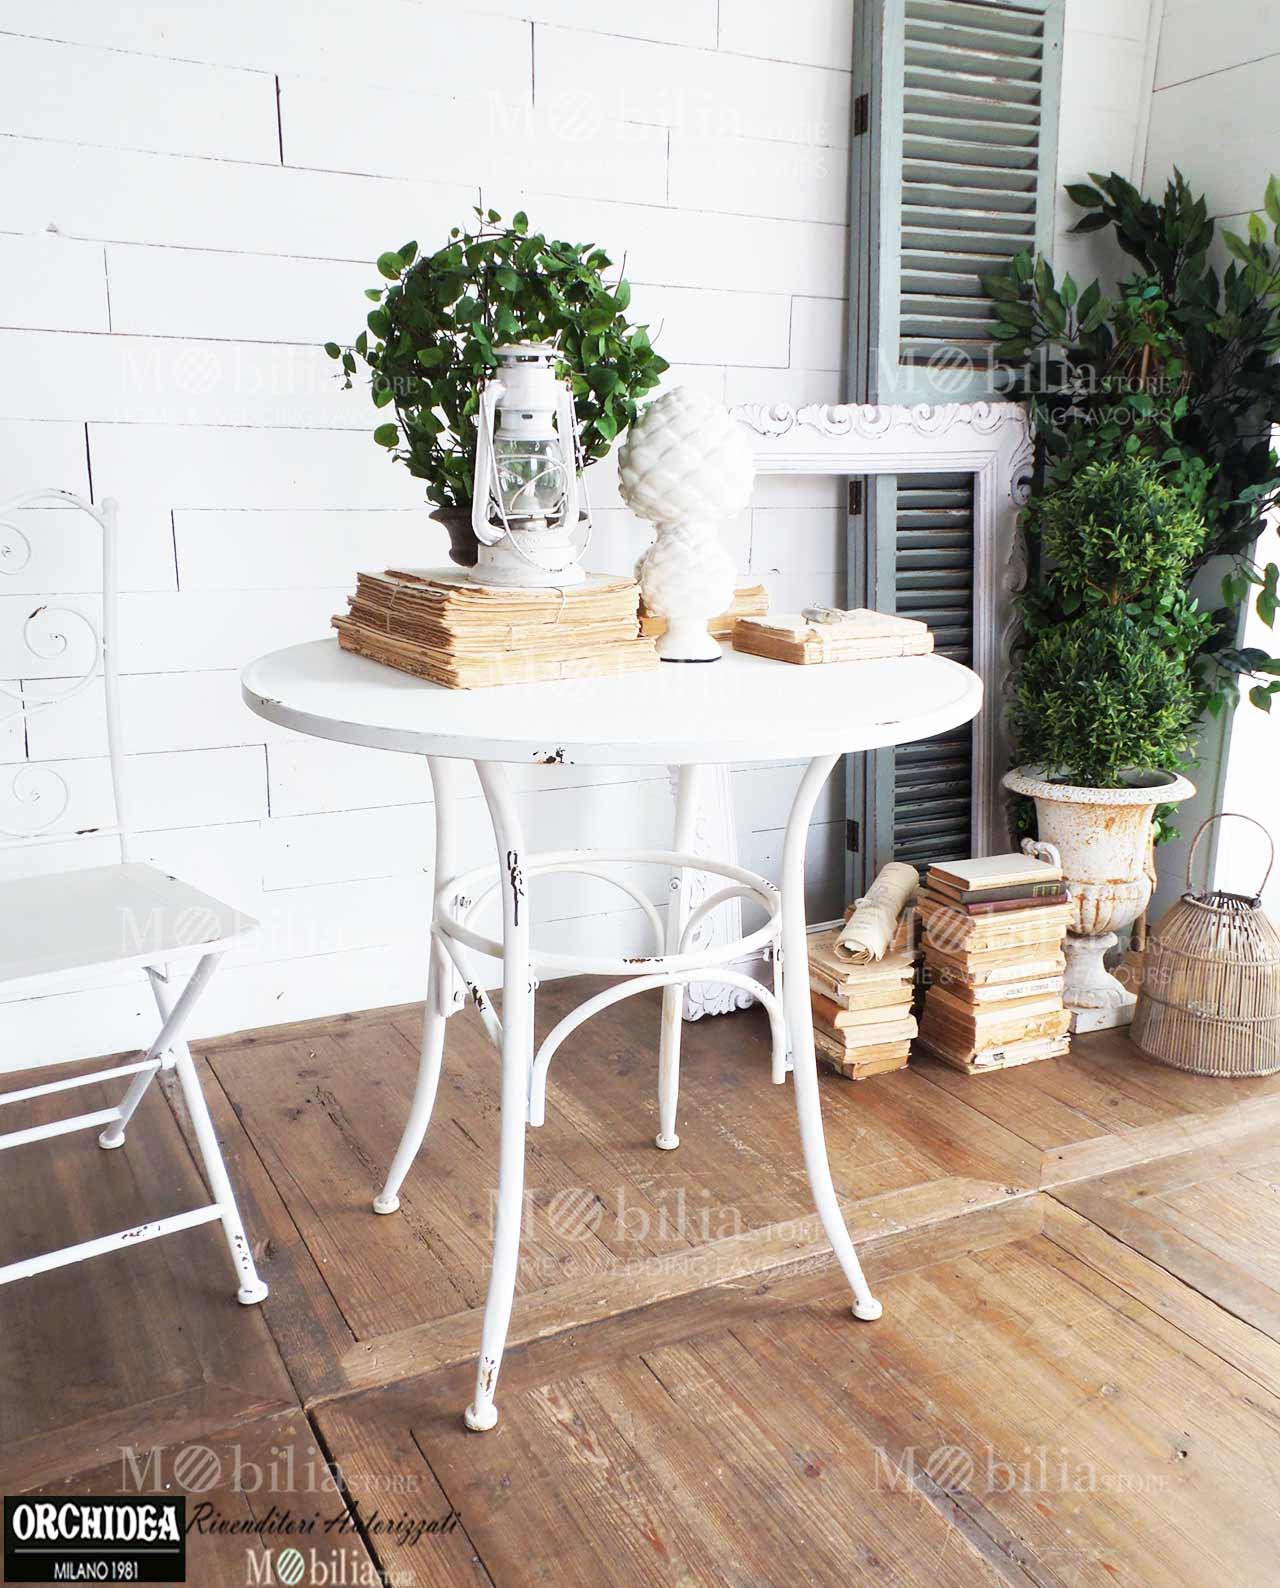 Tavoli rotondi ferro battuto old white spedizione gratuita mobilia store home favours - Tavoli rotondi da esterno ...